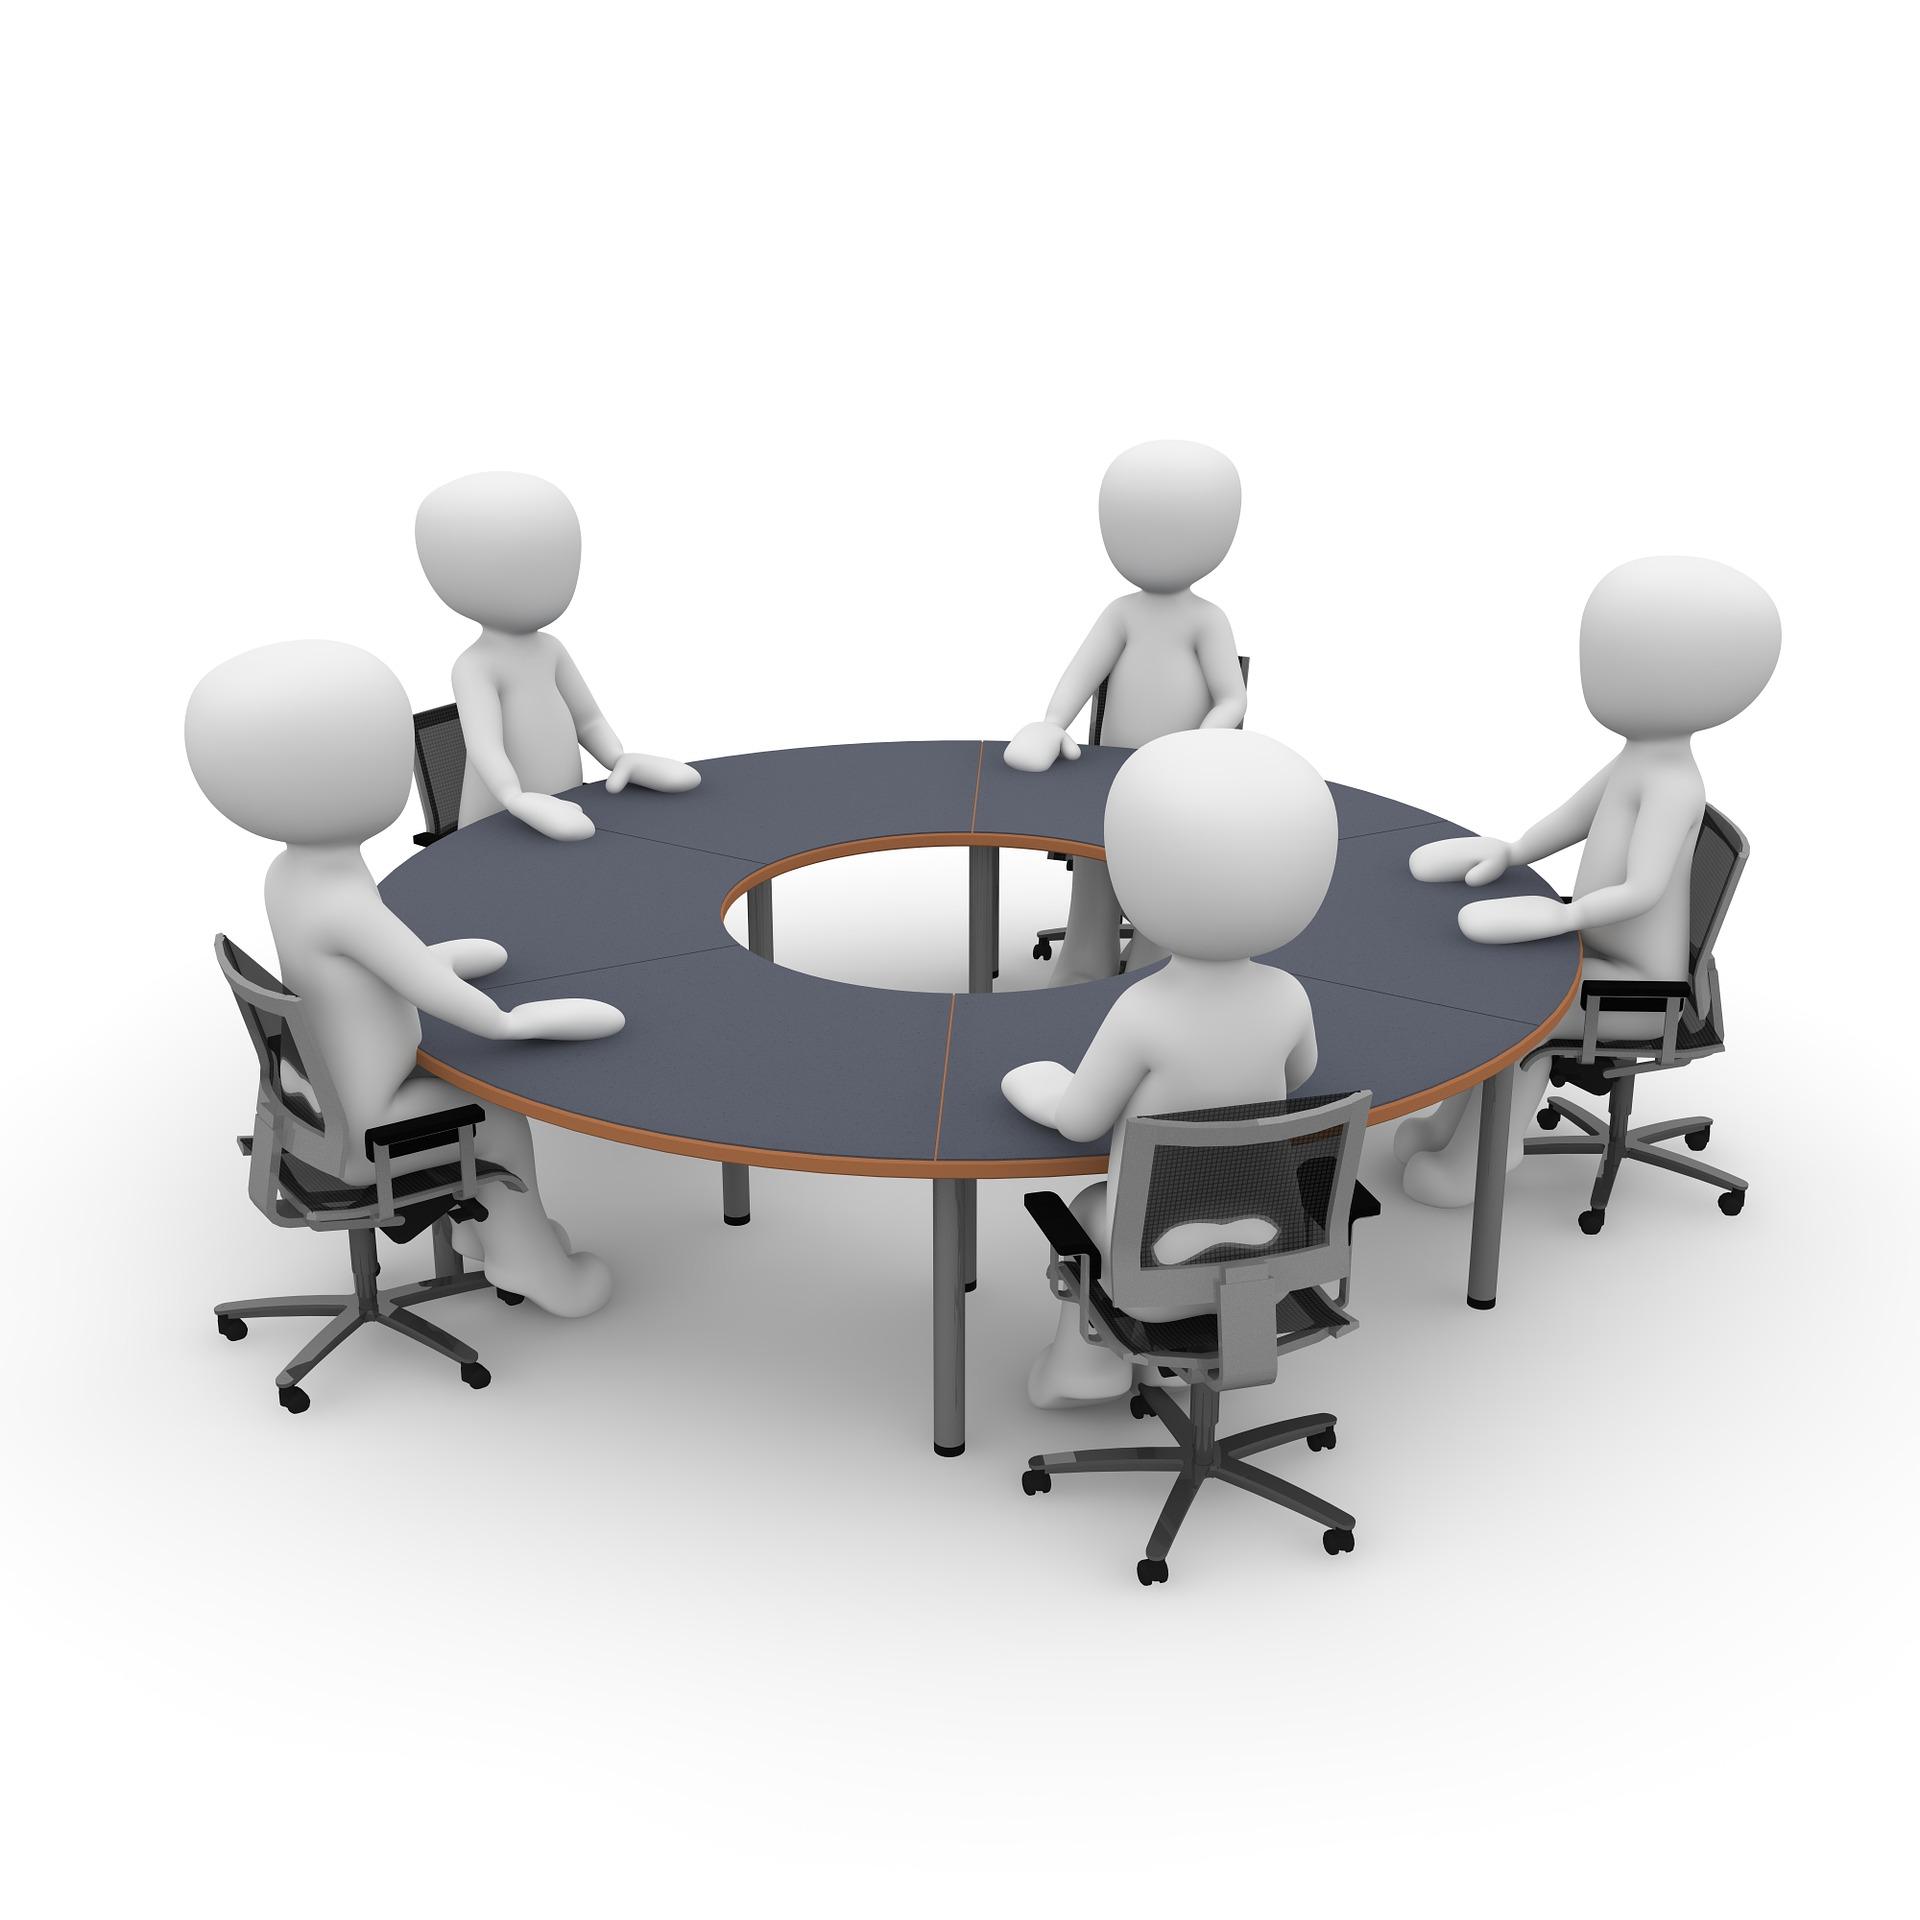 erfolgreich-verhandeln-richtig-verhandeln-verhandlung-verhandlungstechniken-ulrike-knauer-verhandlungsseminar-vorbereitung-team-taktik